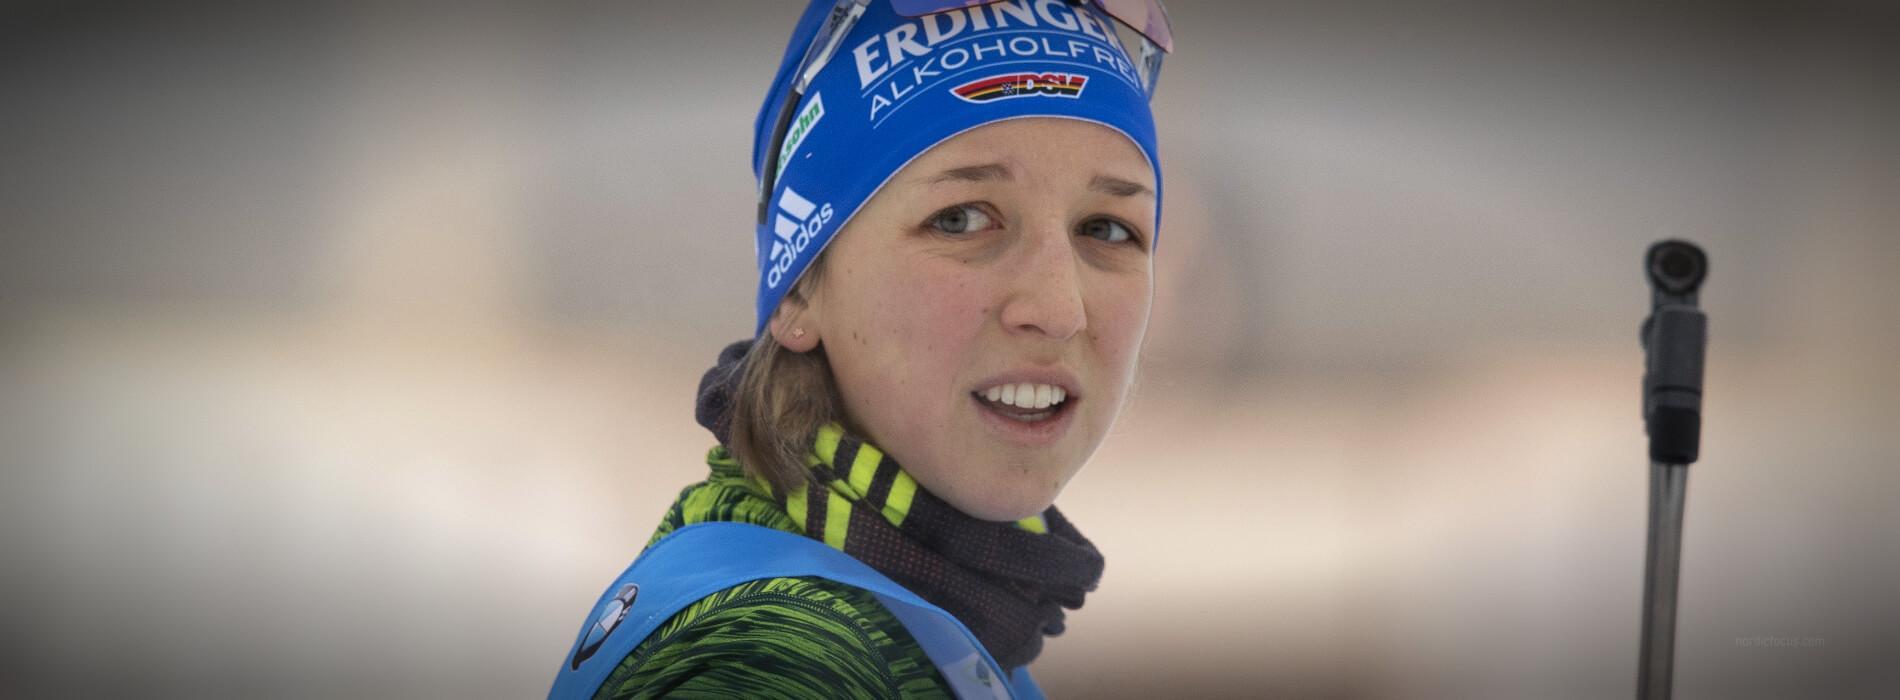 Franziska Preuß Oberhof 2019